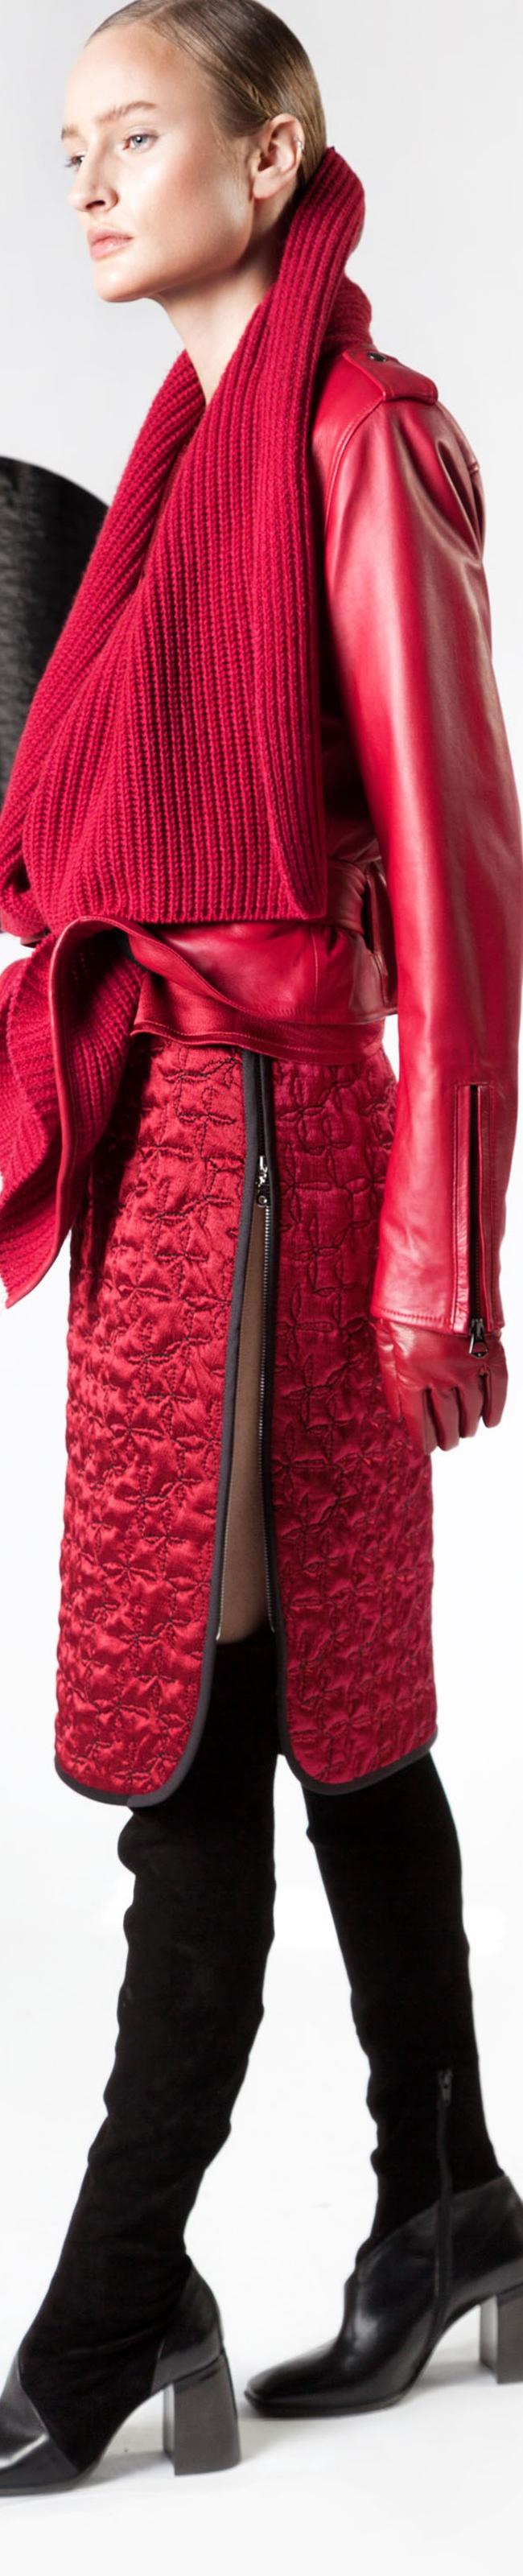 best sneakers e91e1 87590 Sfilata Malloni | Clothes | Red fashion, Fashion, Sweater ...